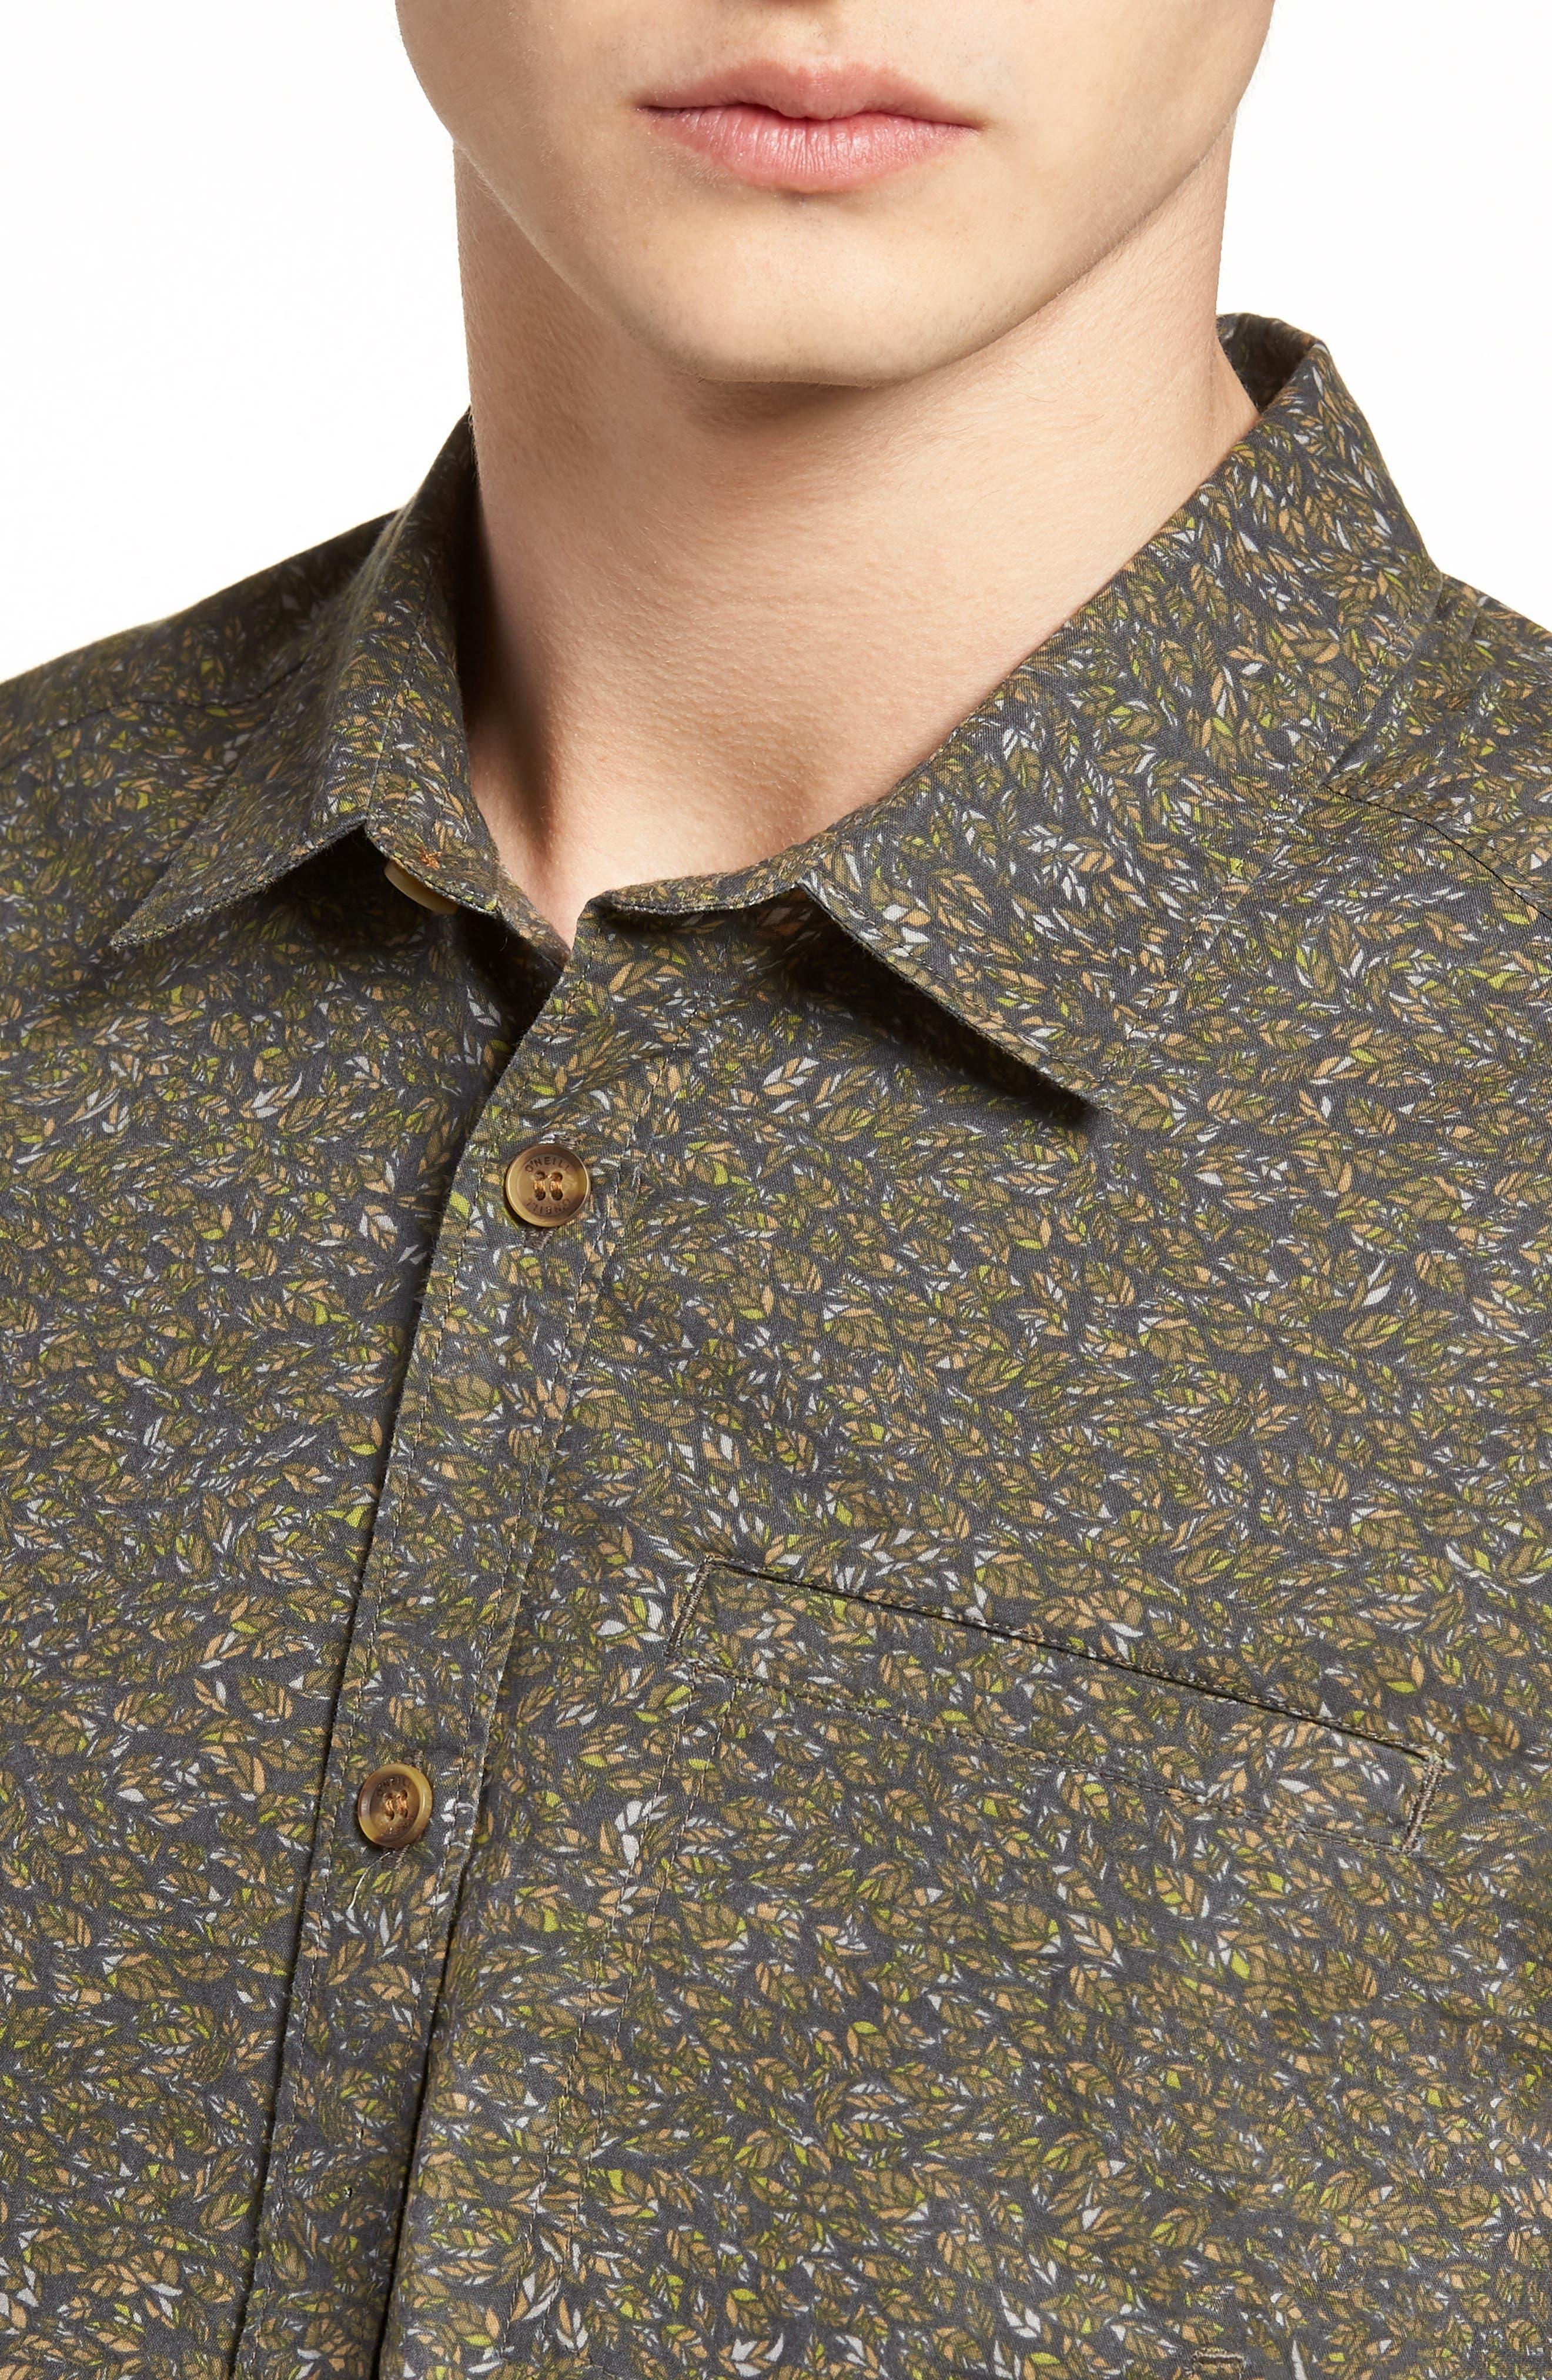 Livingston Short Sleeve Shirt,                             Alternate thumbnail 2, color,                             Asphalt